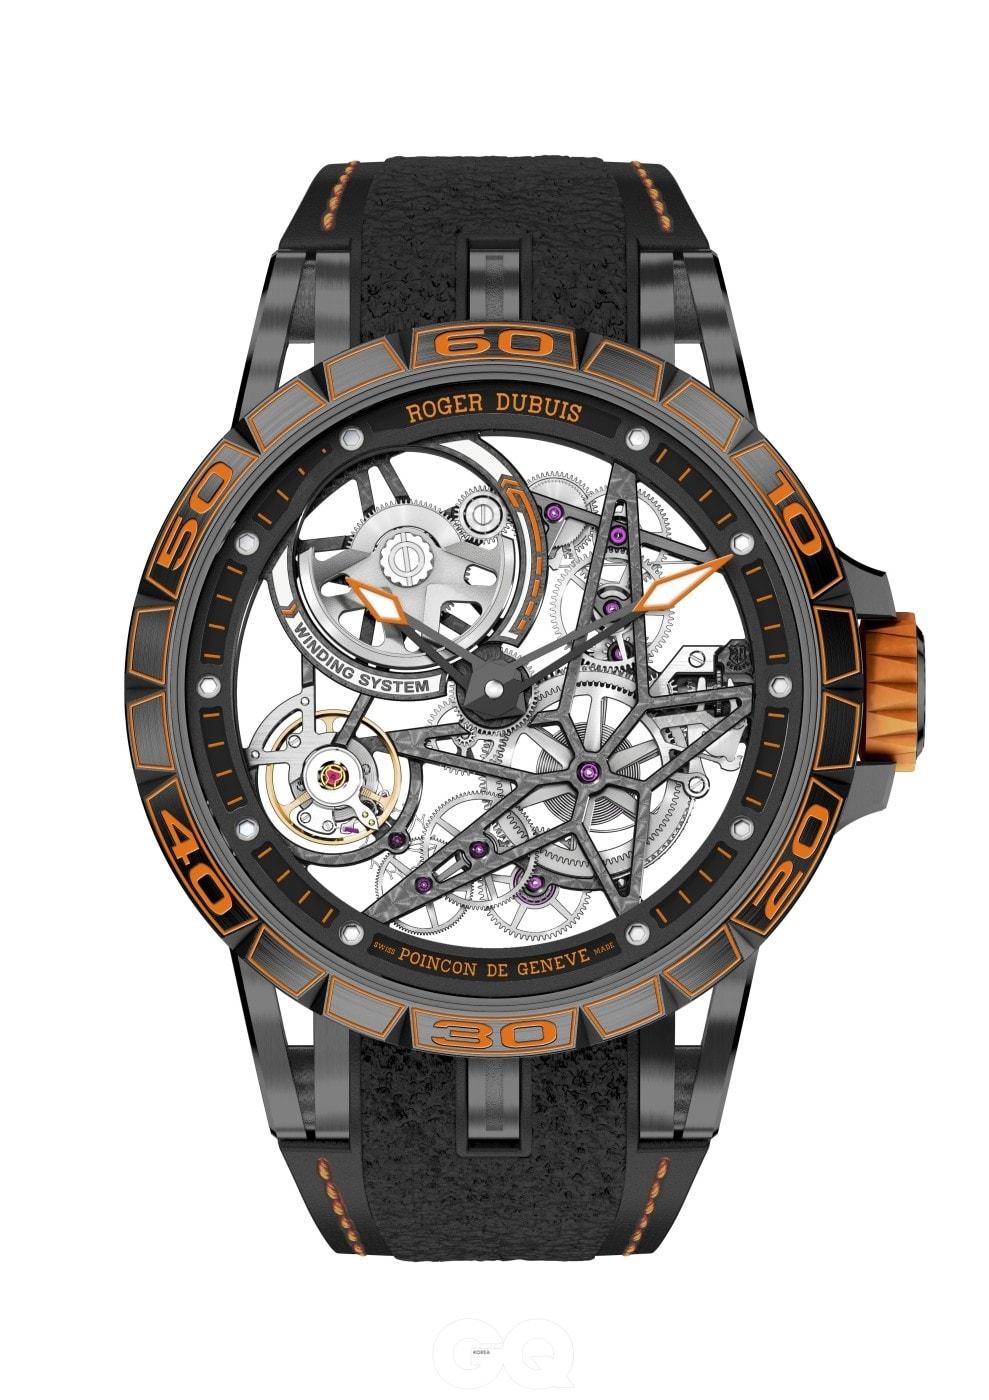 매우 손쉽게 스트랩을 교환할 수 있는 이 시계는 평균 3초 만에 타이어 교환이 이루어지는 F-1 레이싱에서 영감을 받았다.